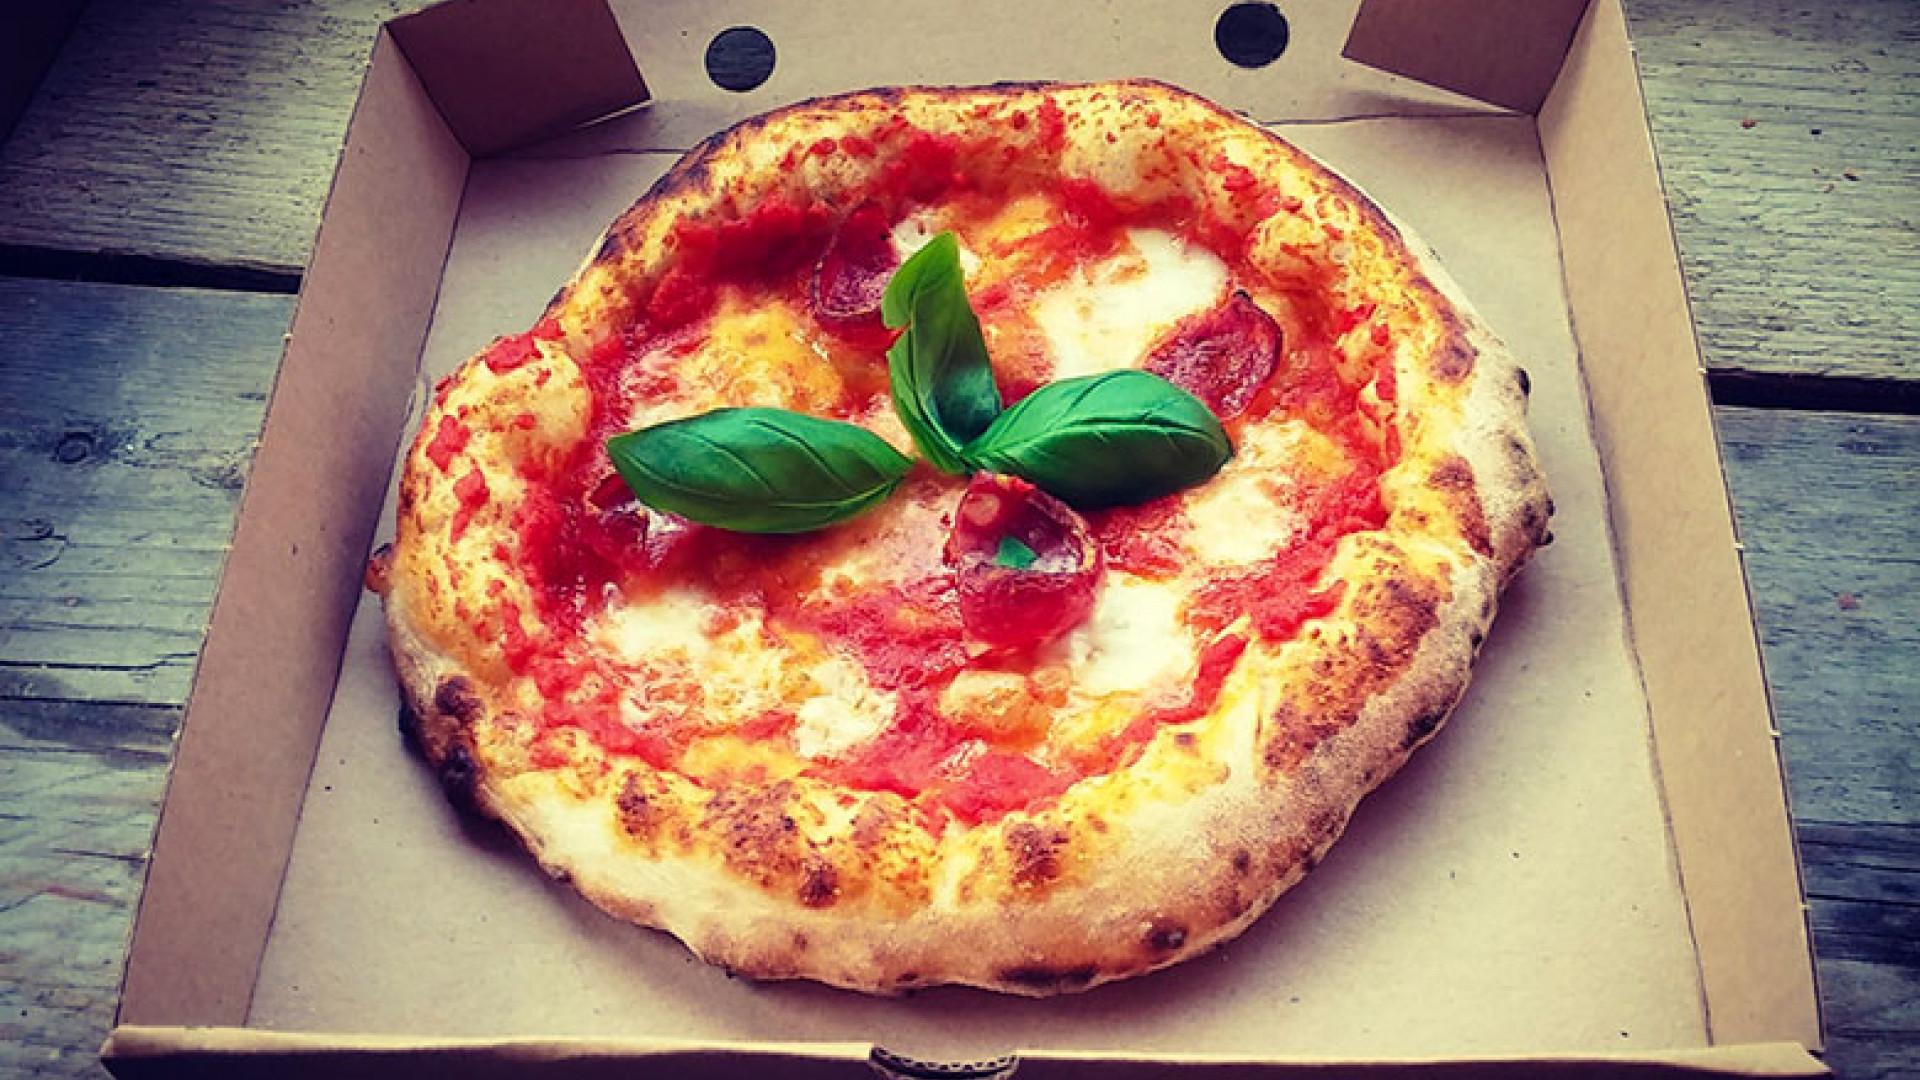 pizzas_dough-bro